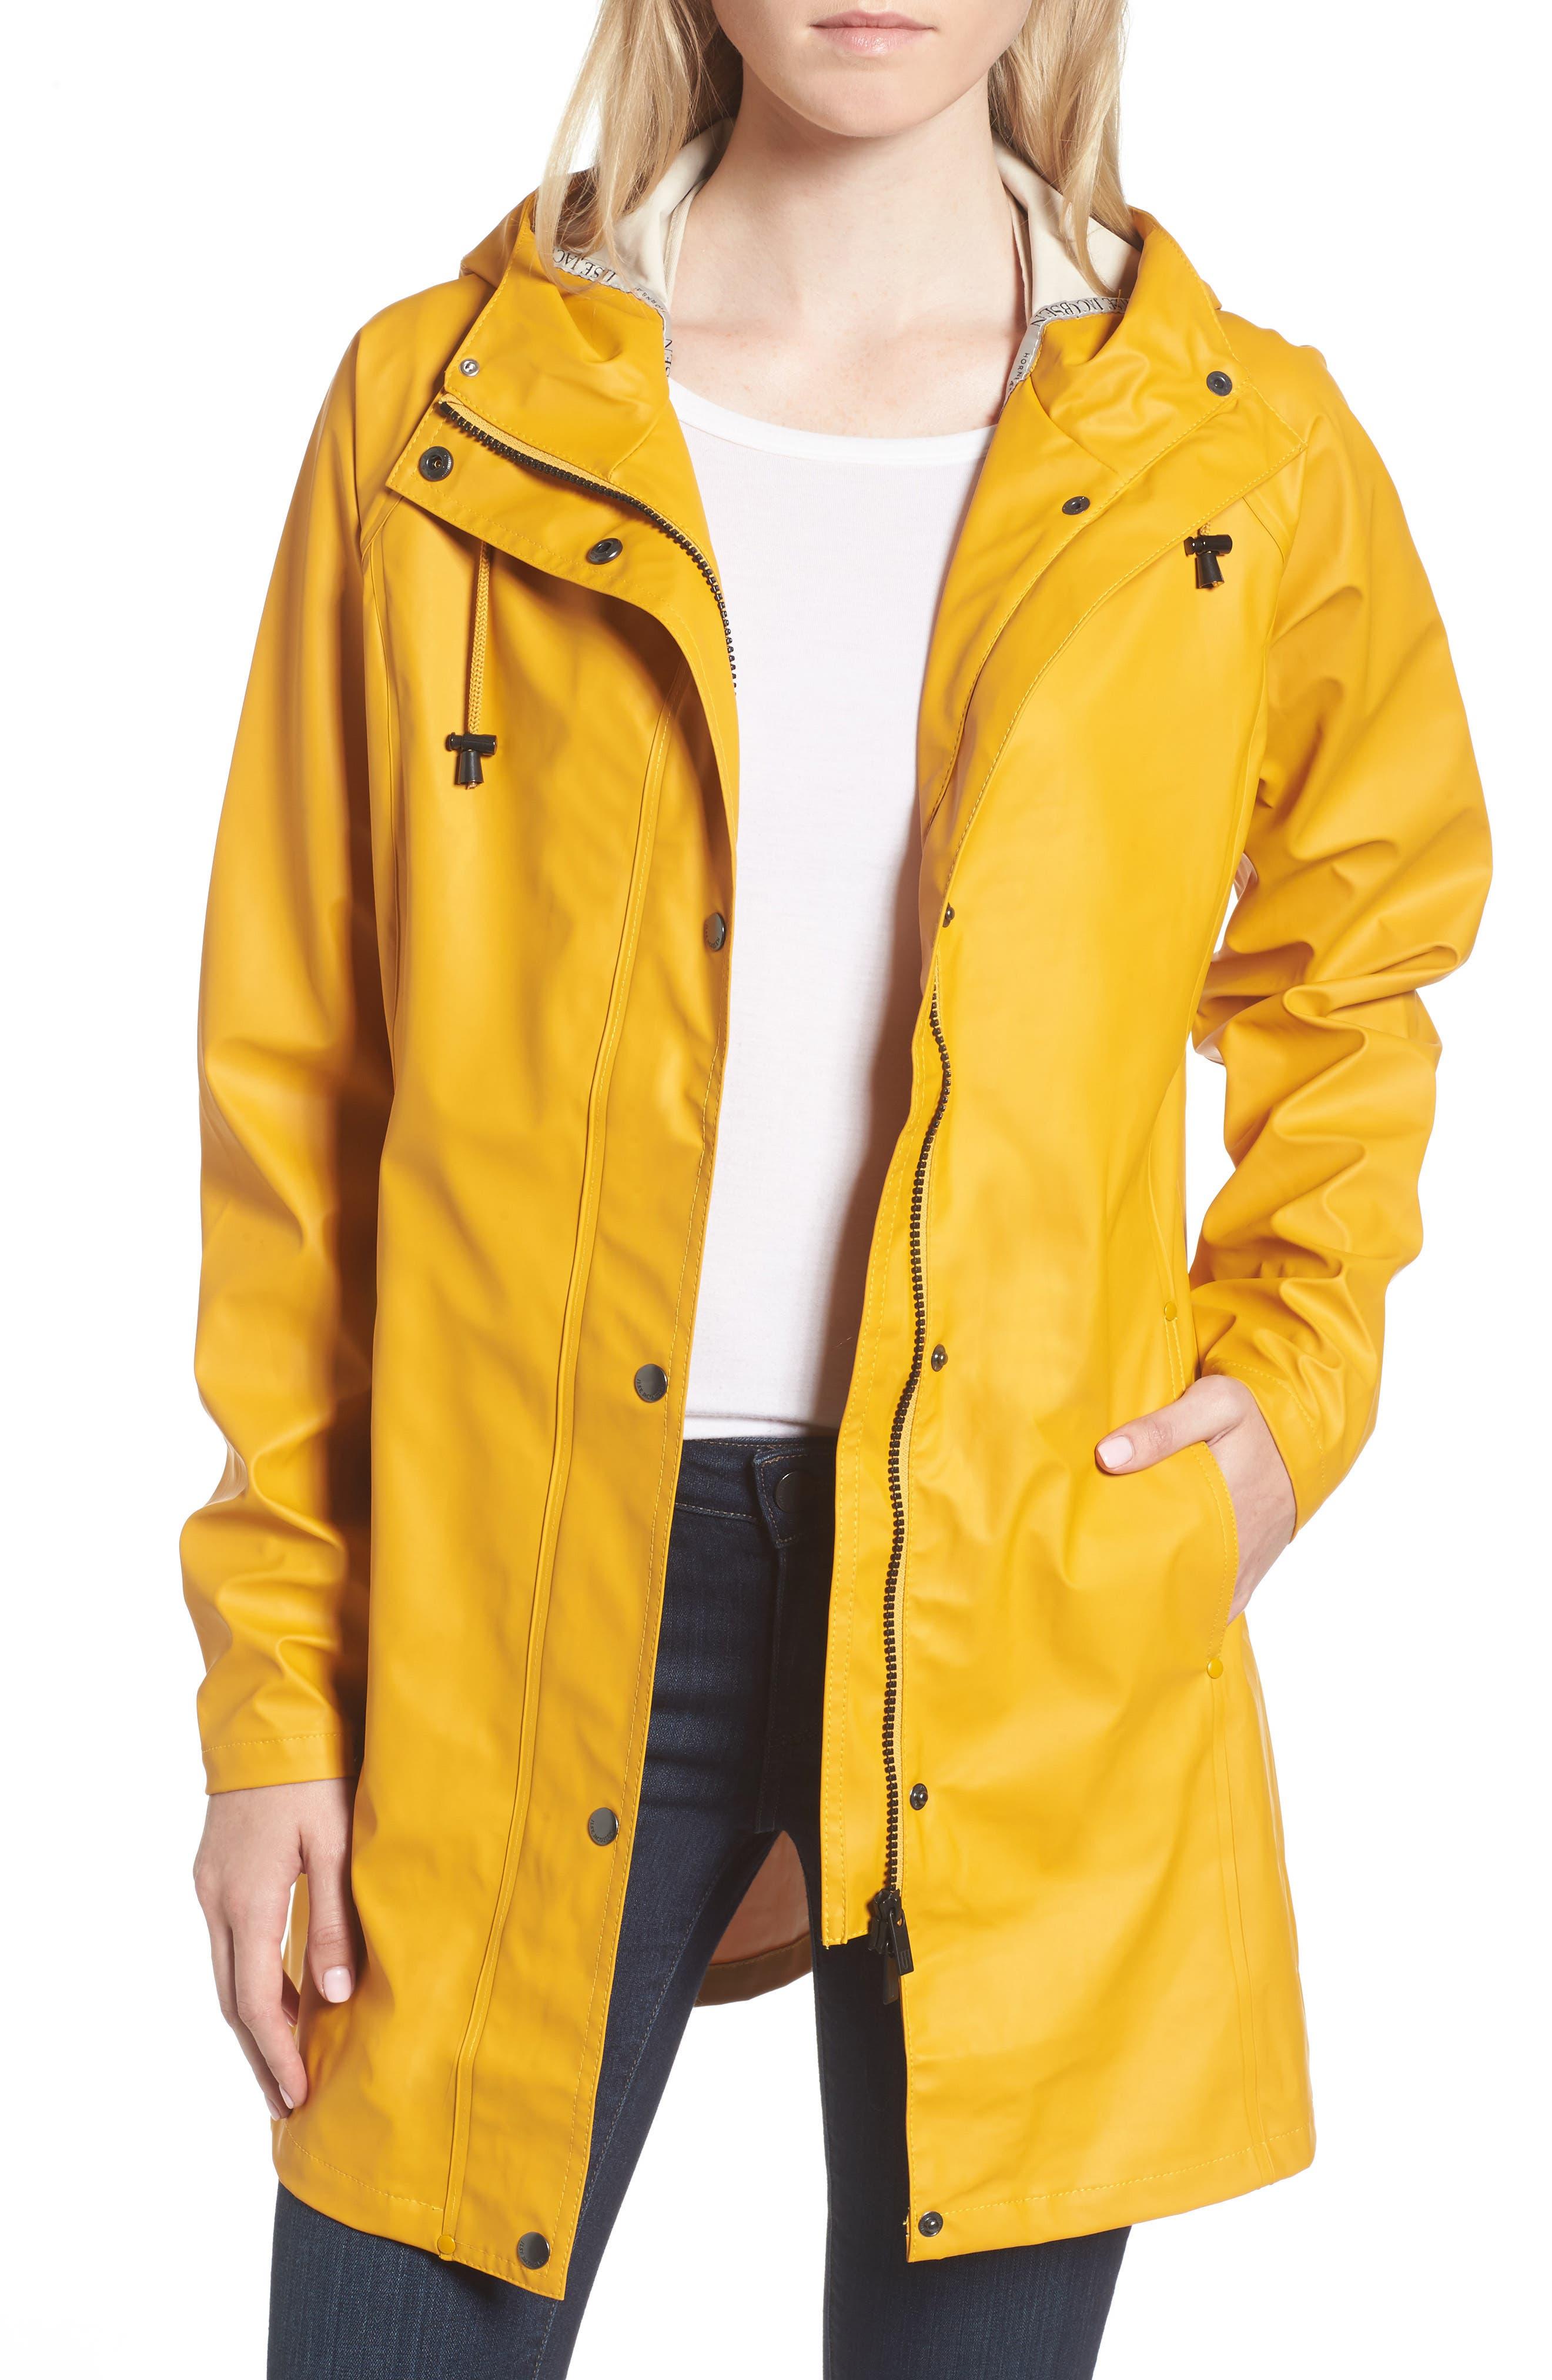 Alternate Image 1 Selected - Illse Jacobsen Hornbaek Raincoat